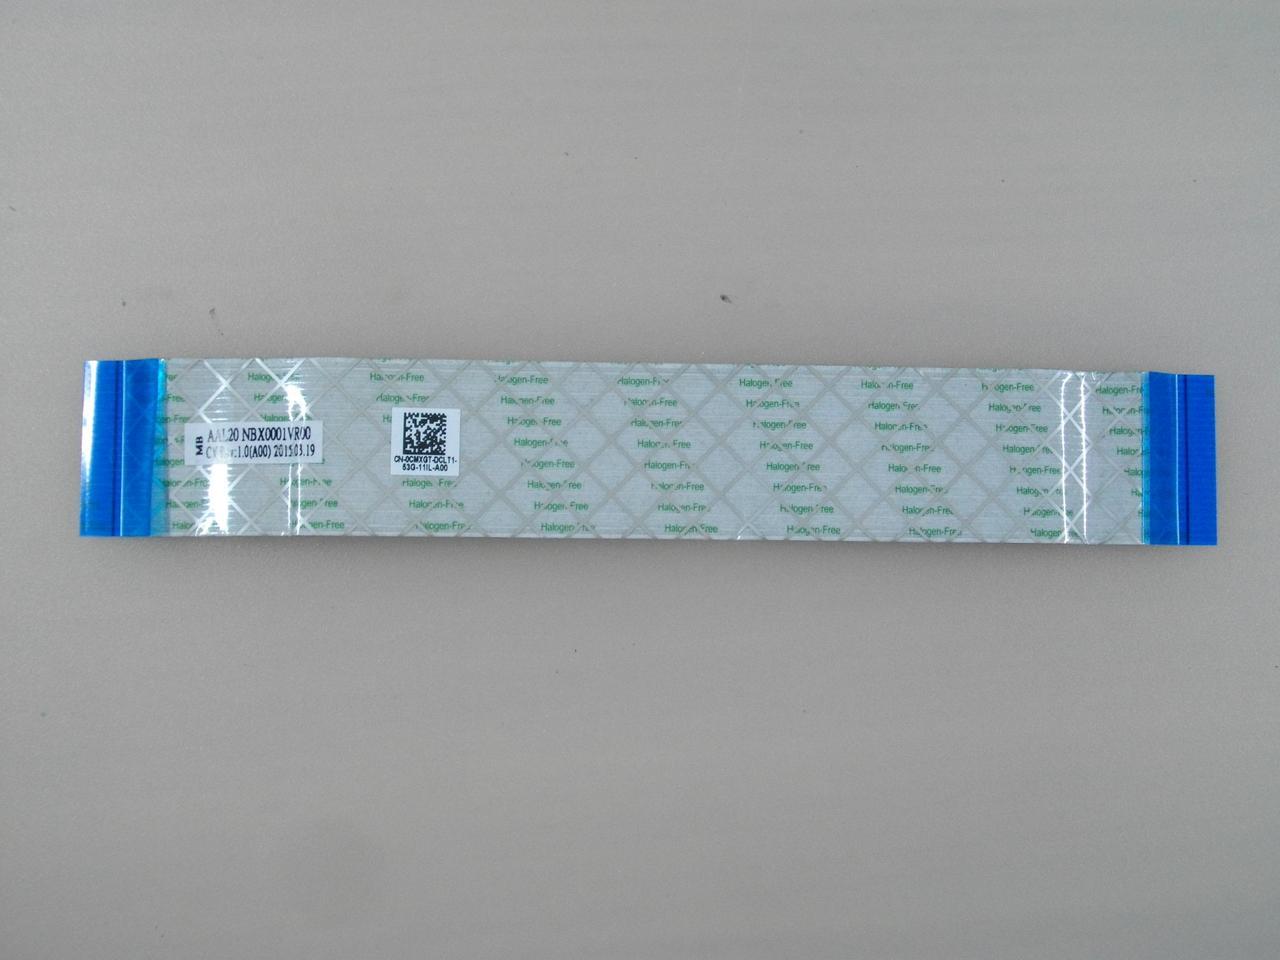 Шлейф AAL20 NBX0001VR00 подключения USB портов DELL Inspiron 5555. Dell inspiron 15 серии 5000.